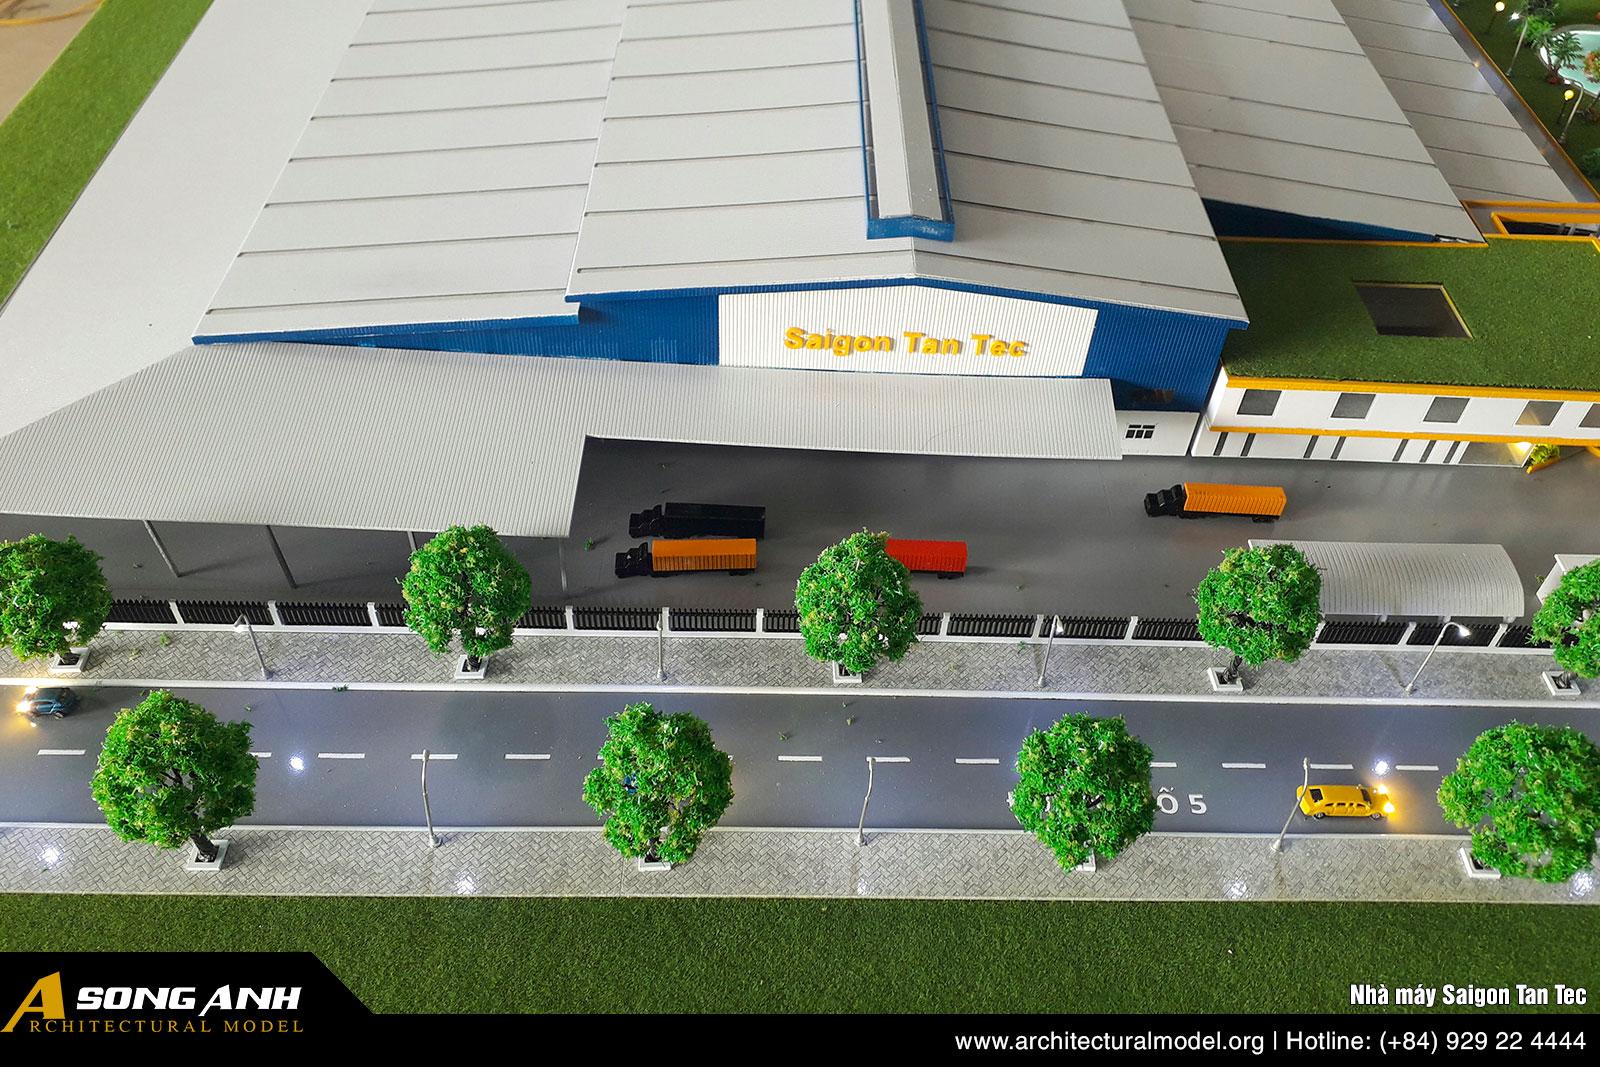 Mô hình nhà máy Saigon Tan Tec